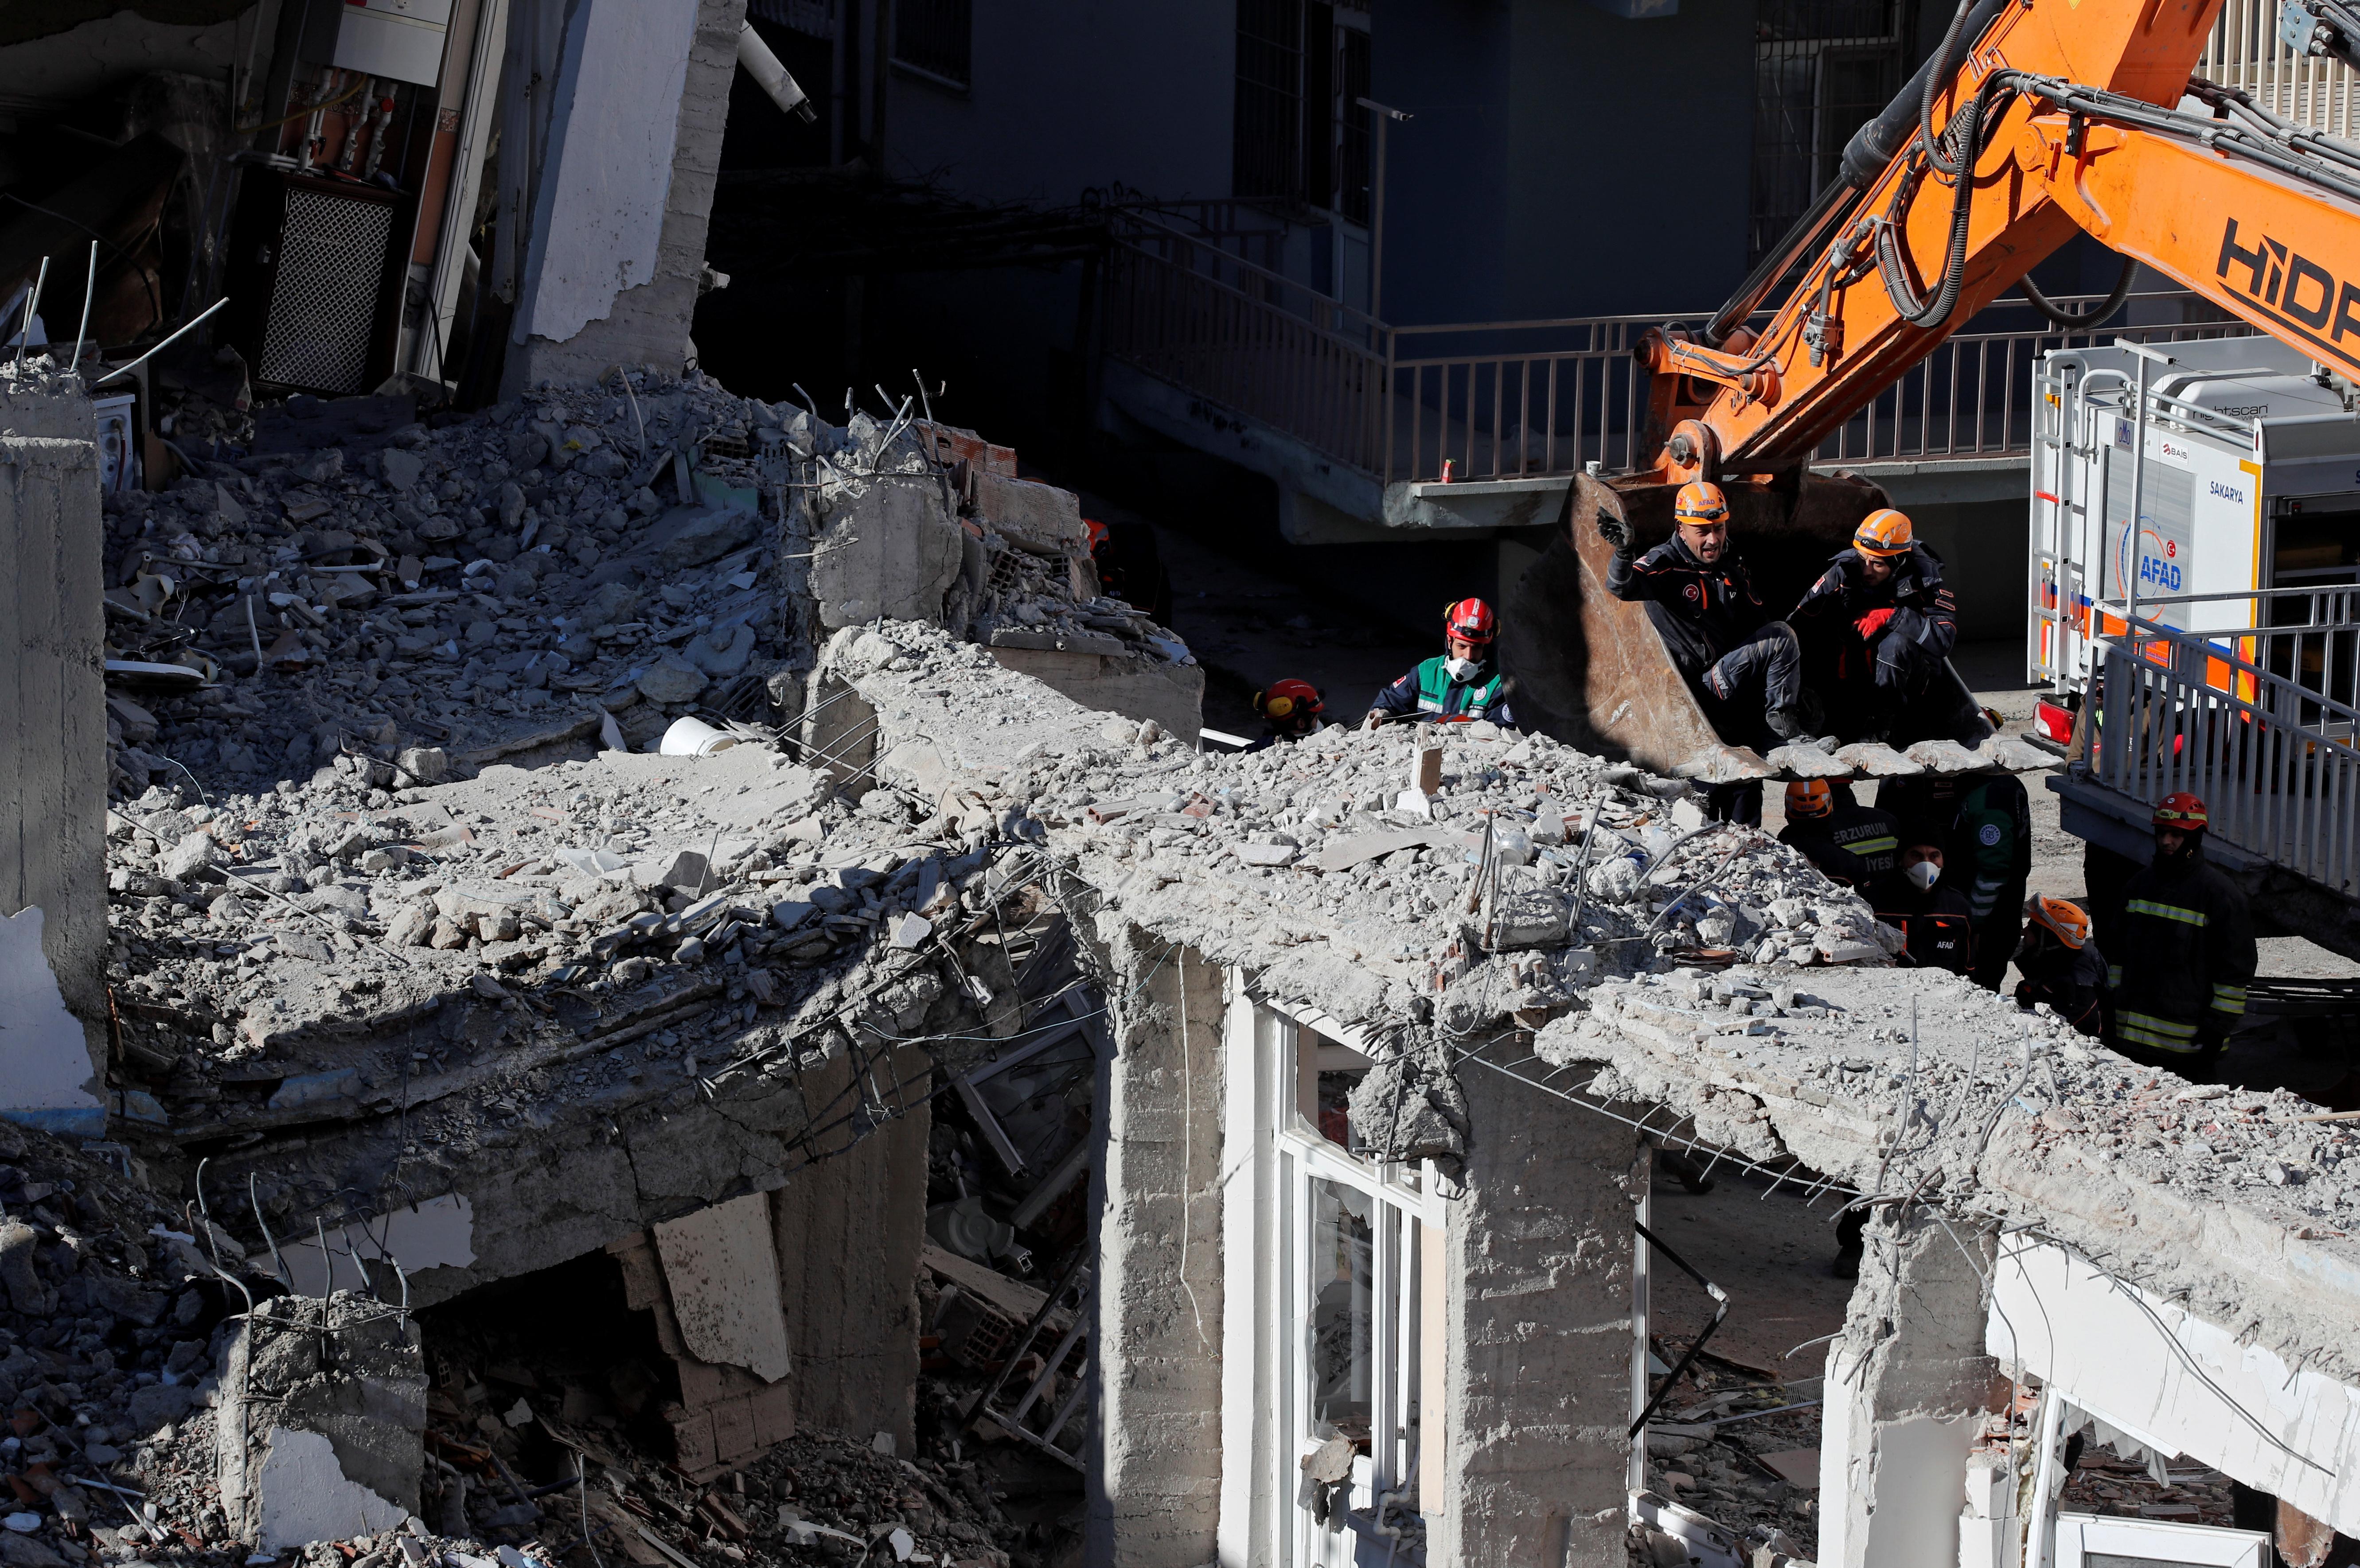 Le sauvetage après le tremblement de terre de Turquie s'achève après que des dizaines de personnes aient été décrochées